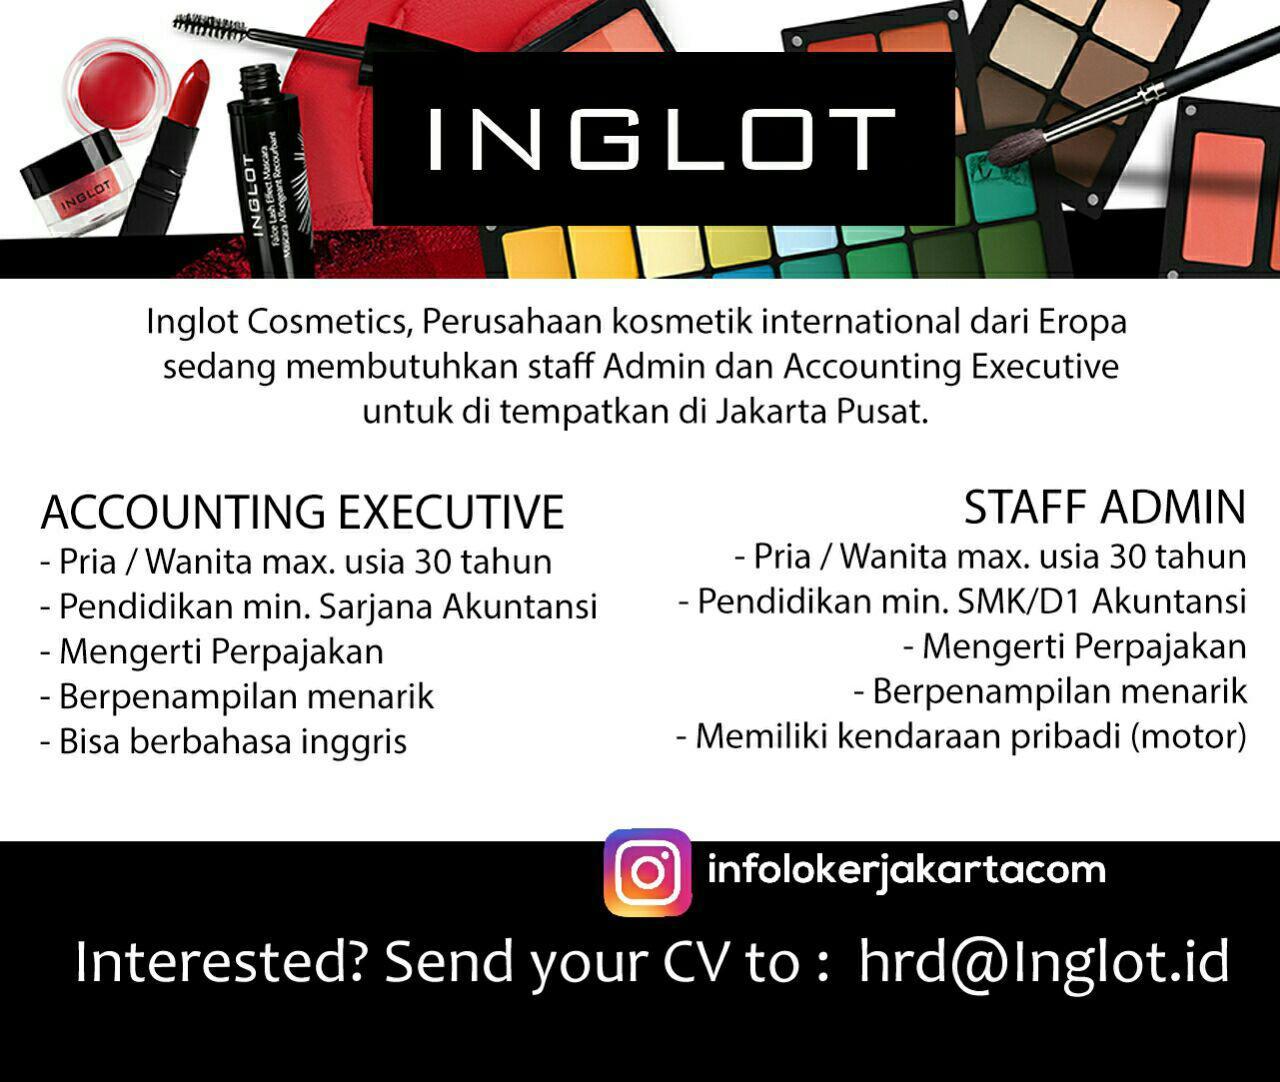 Lowongan Kerja Inglot Cosmetics Jakarta Juli 2017